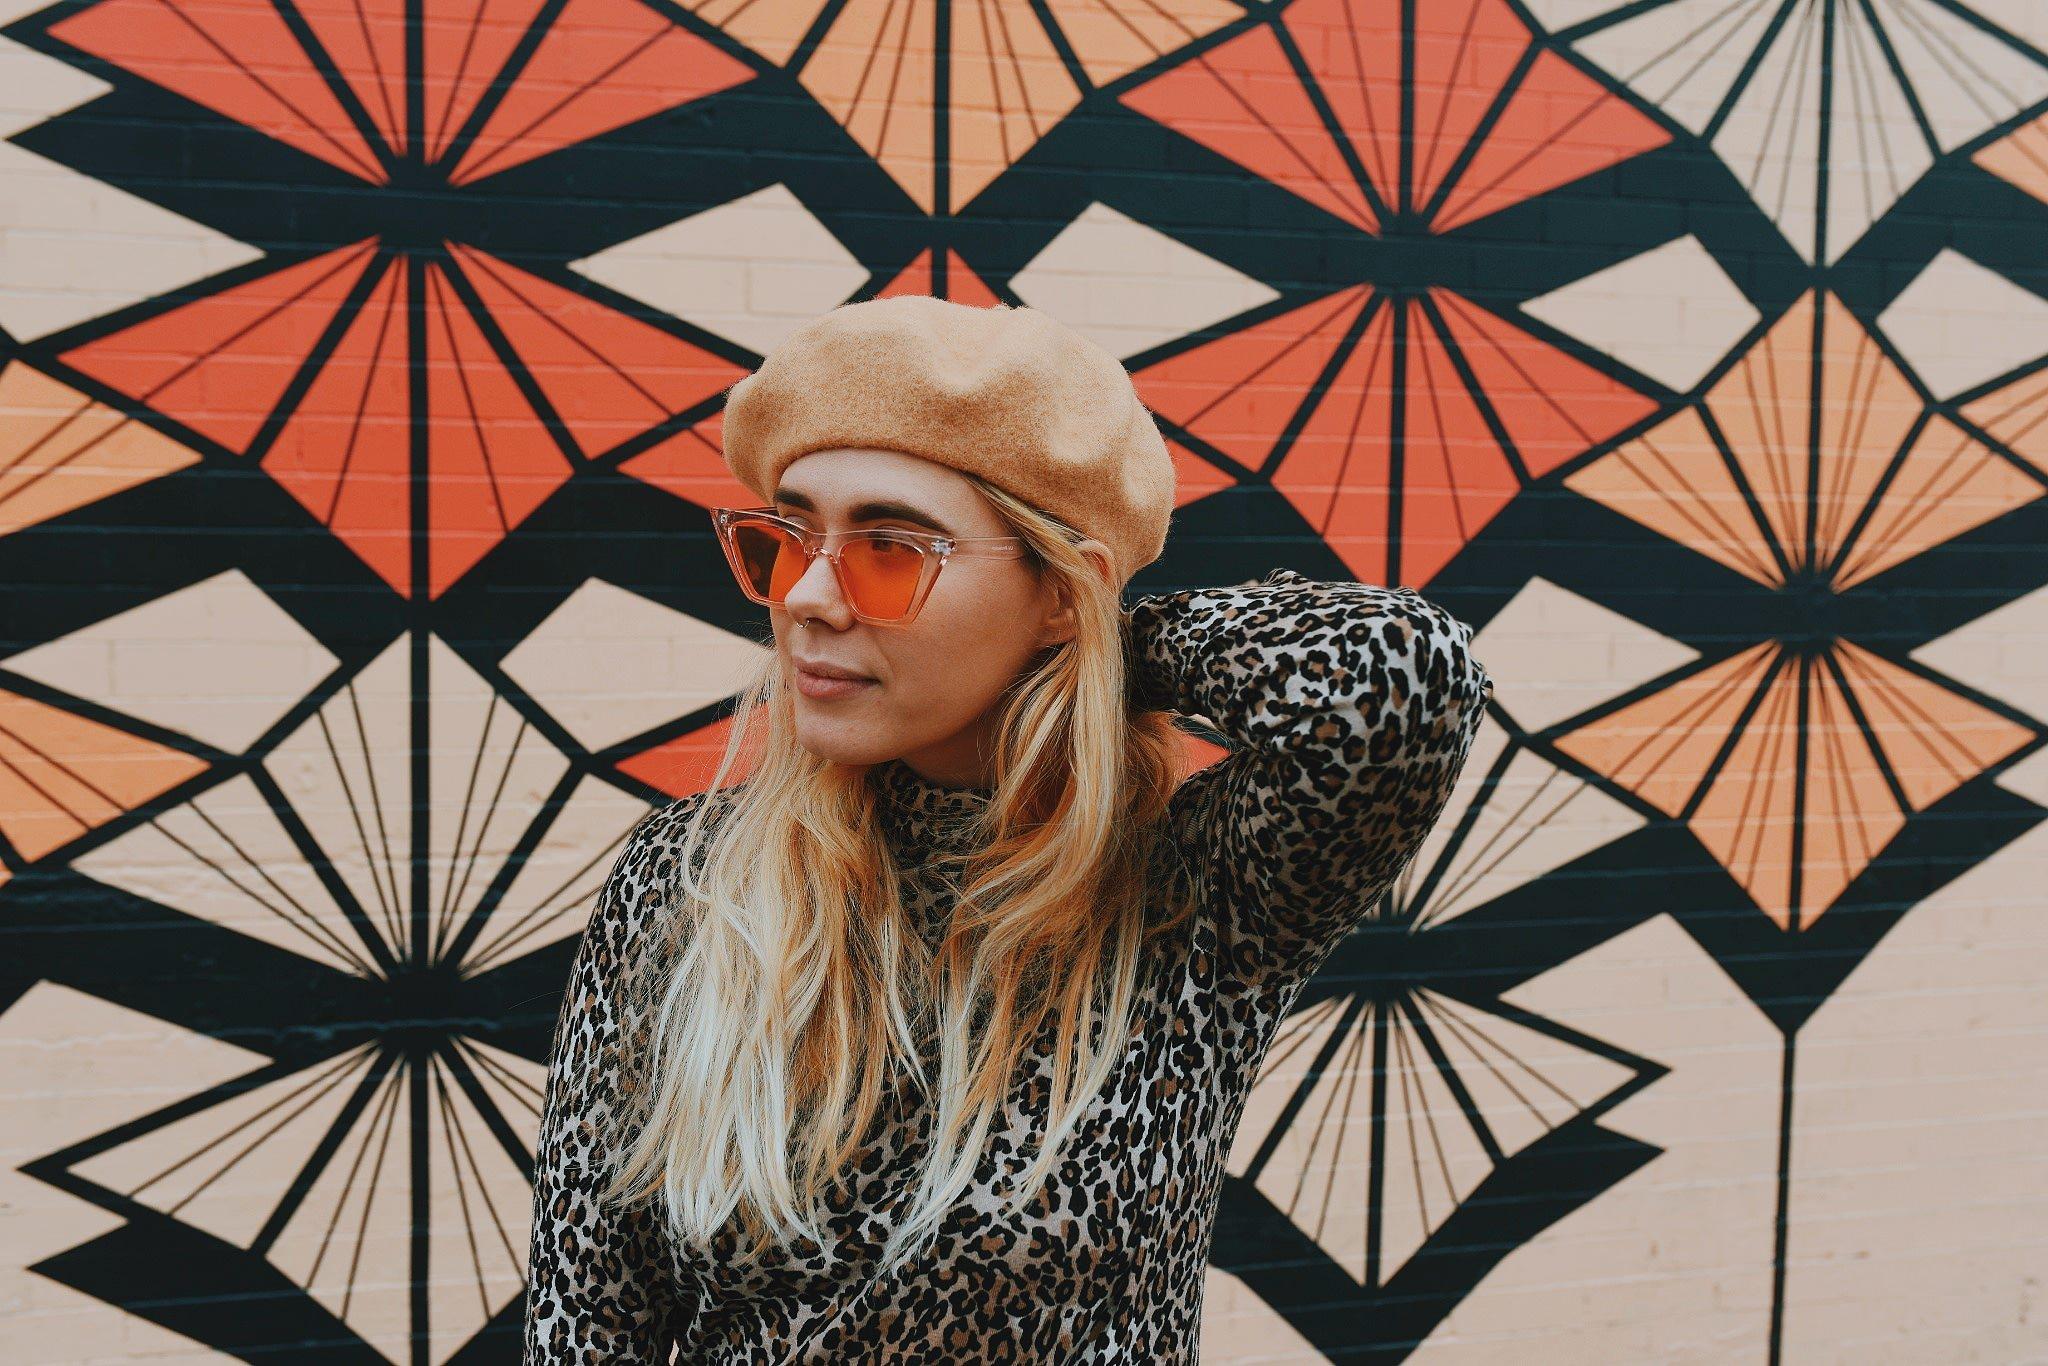 Photo of Alyssa Leicht by Nick Fisher